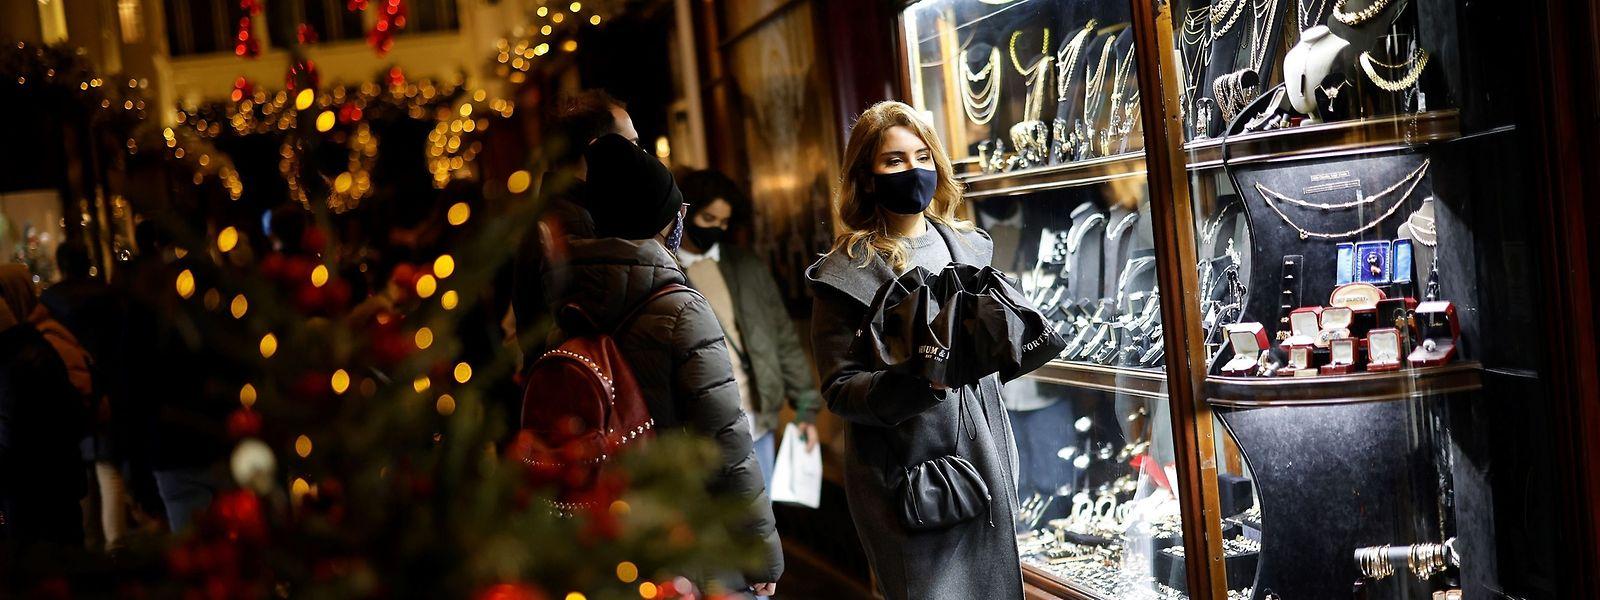 Wegen einer neuen Variante des Virus, die sich schneller ausbreitet, hat der britische Premierminister neue Einschränkungen für Weihnachten angekündigt.